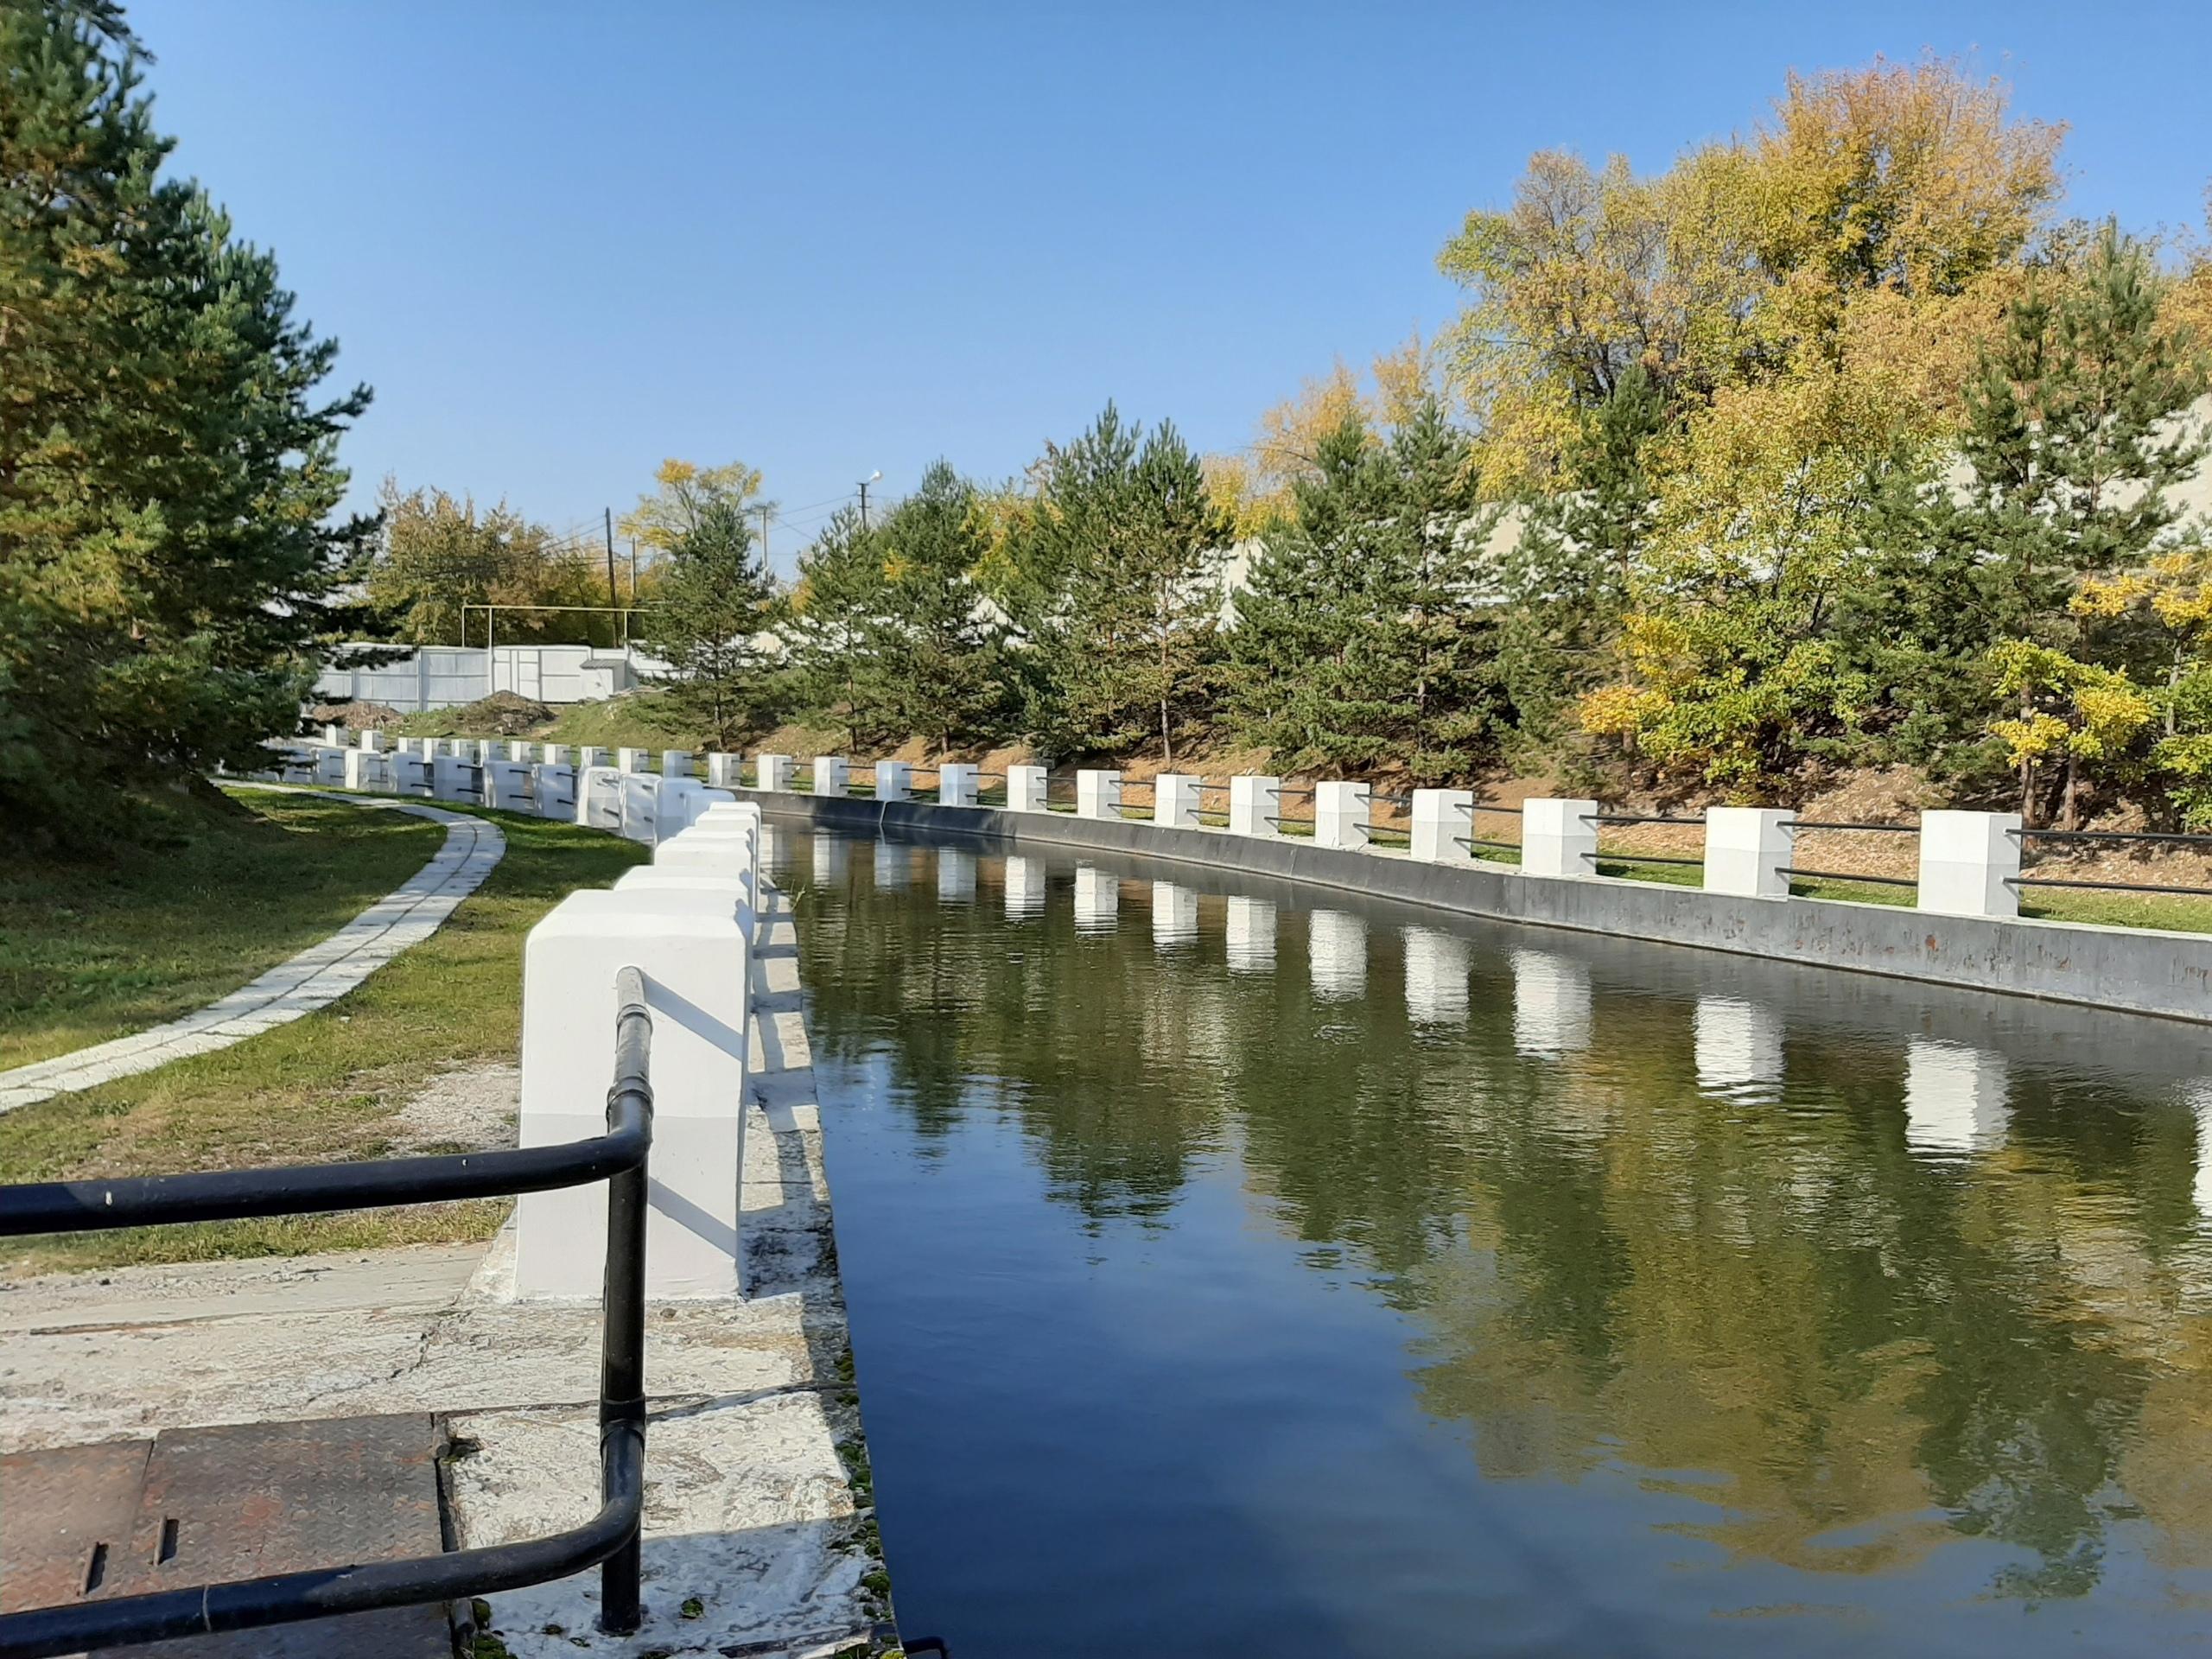 Электростанция, живой памятник, музей. Рассказываем историю Сызранской ГЭС